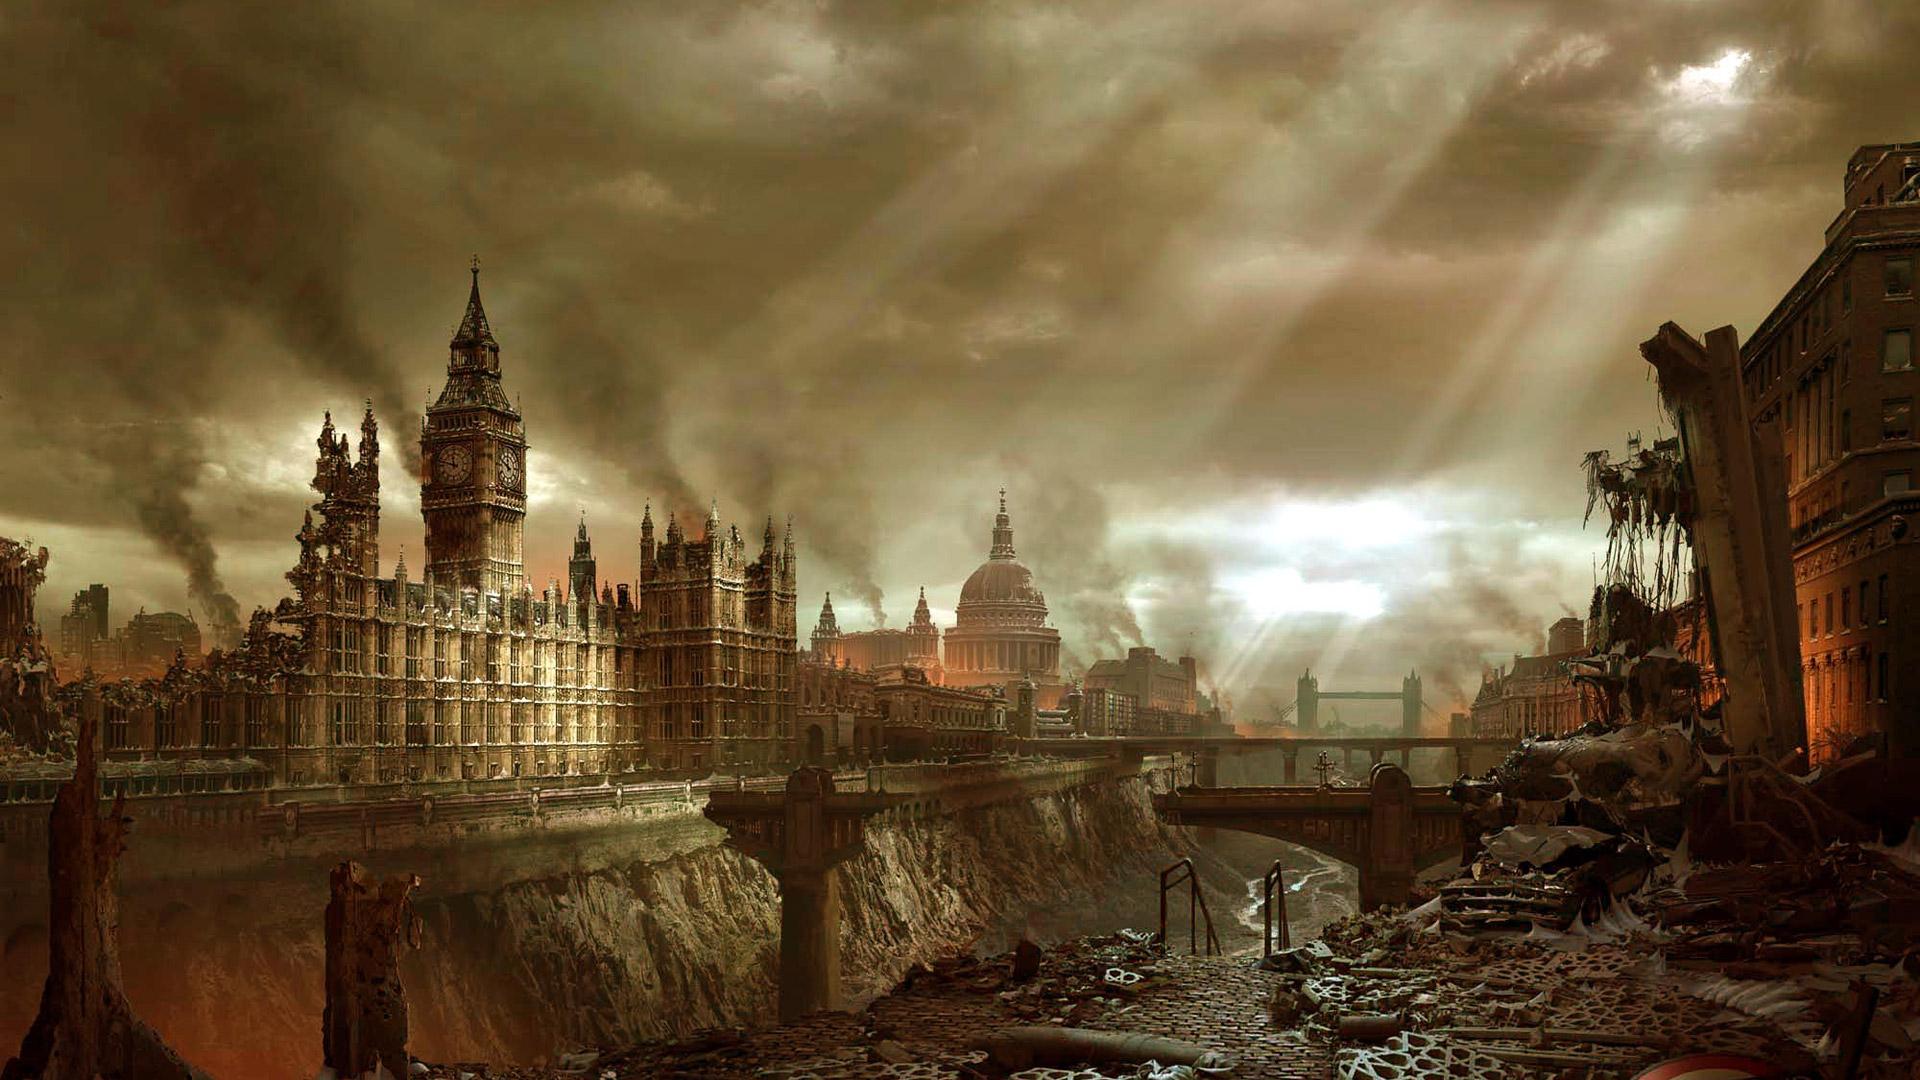 Free Hellgate: London Wallpaper in 1920x1080